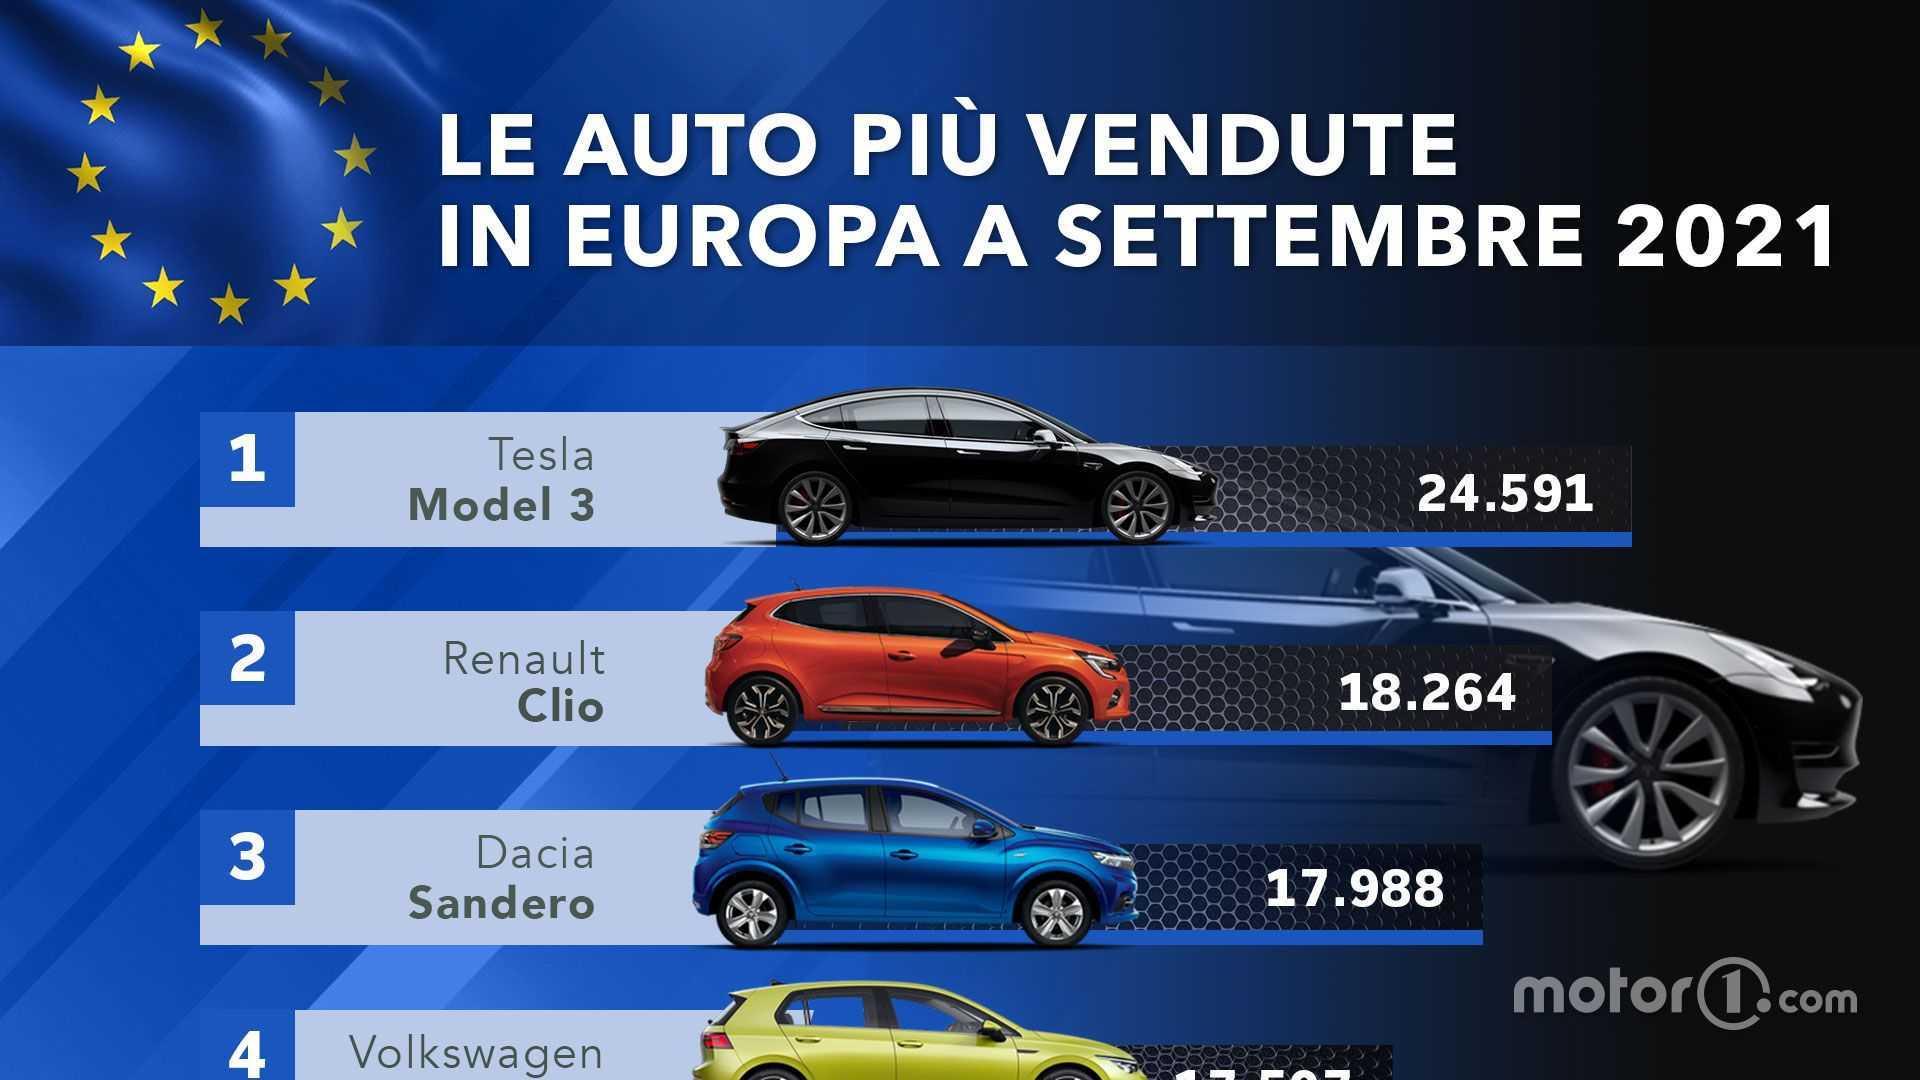 Tesla conquista l'Europa: Model 3 è l'auto più venduta in assoluto